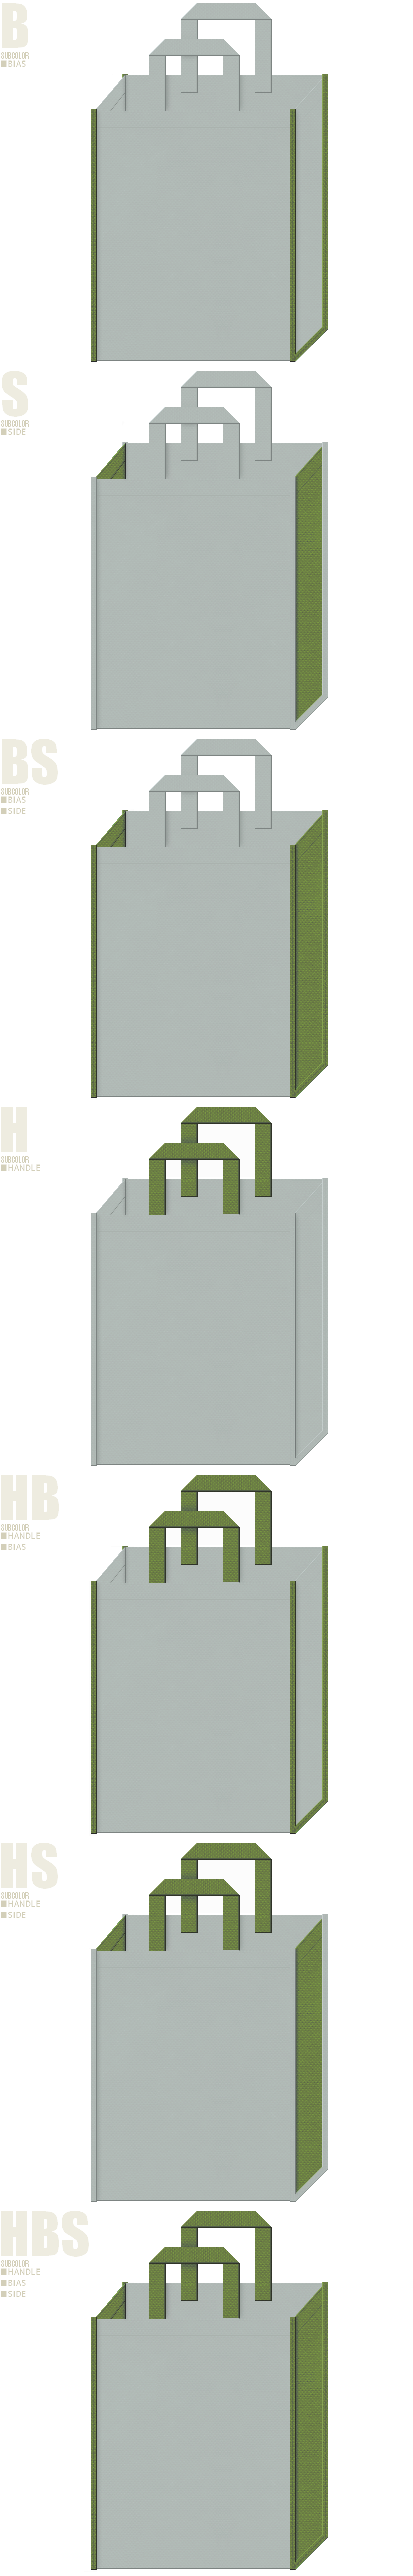 グレー色と草色-7パターンの不織布トートバッグ配色デザイン例